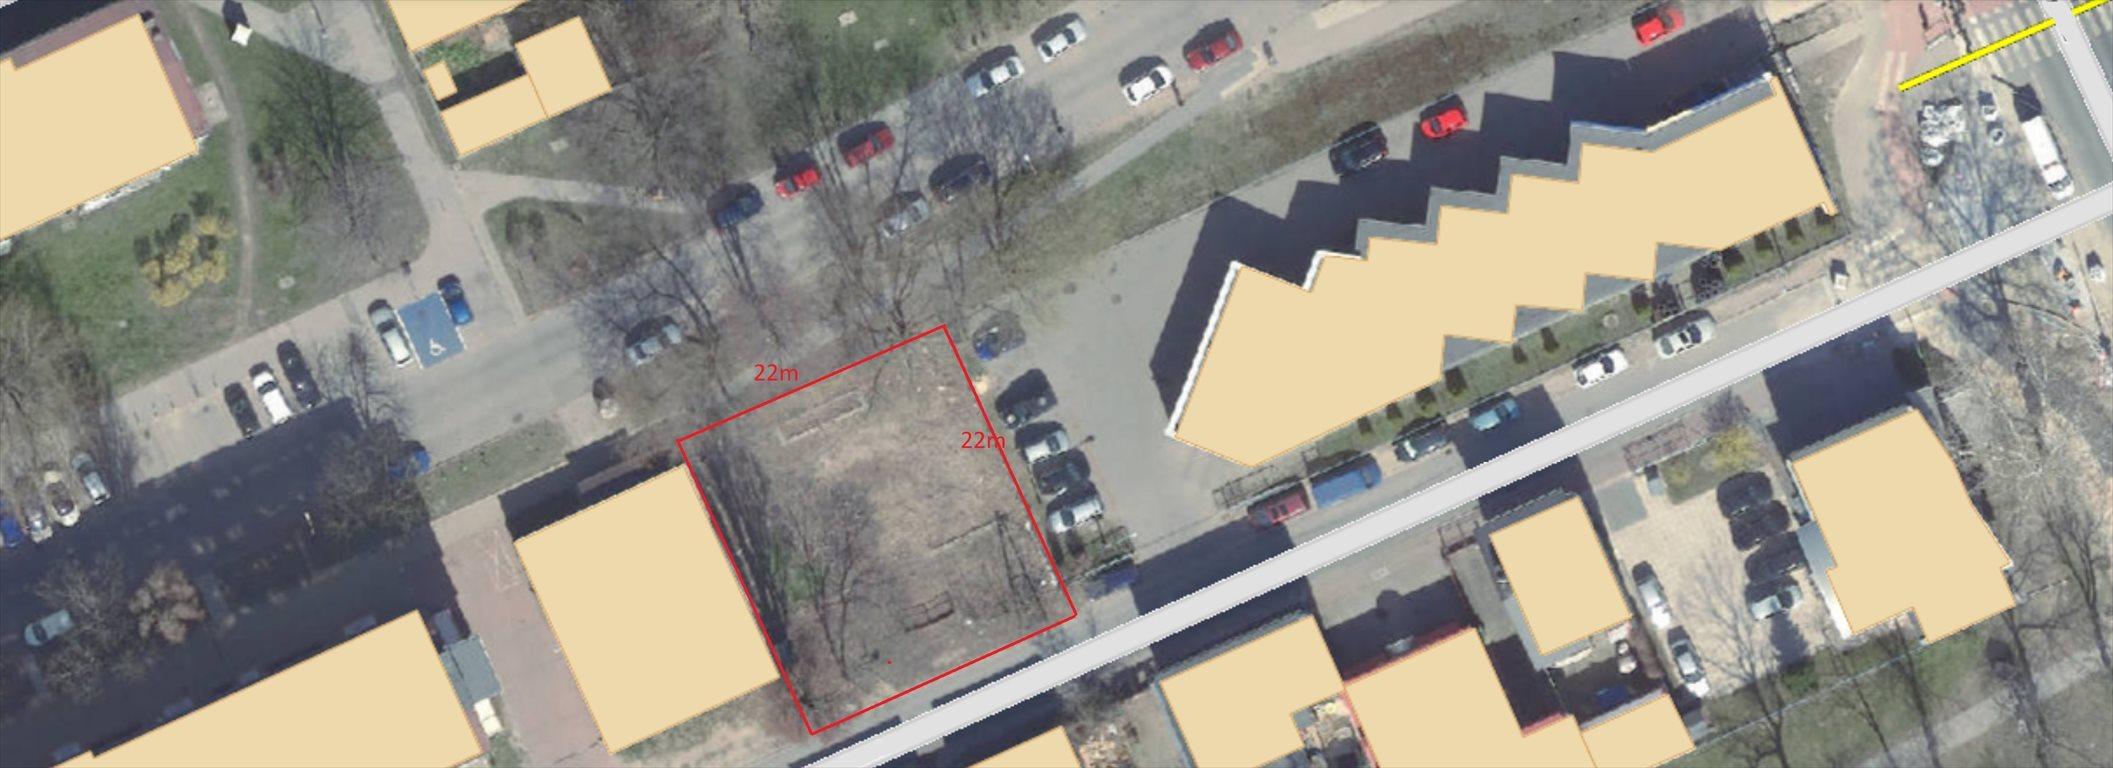 Działka inwestycyjna na sprzedaż Łódź, bałuty  484m2 Foto 2